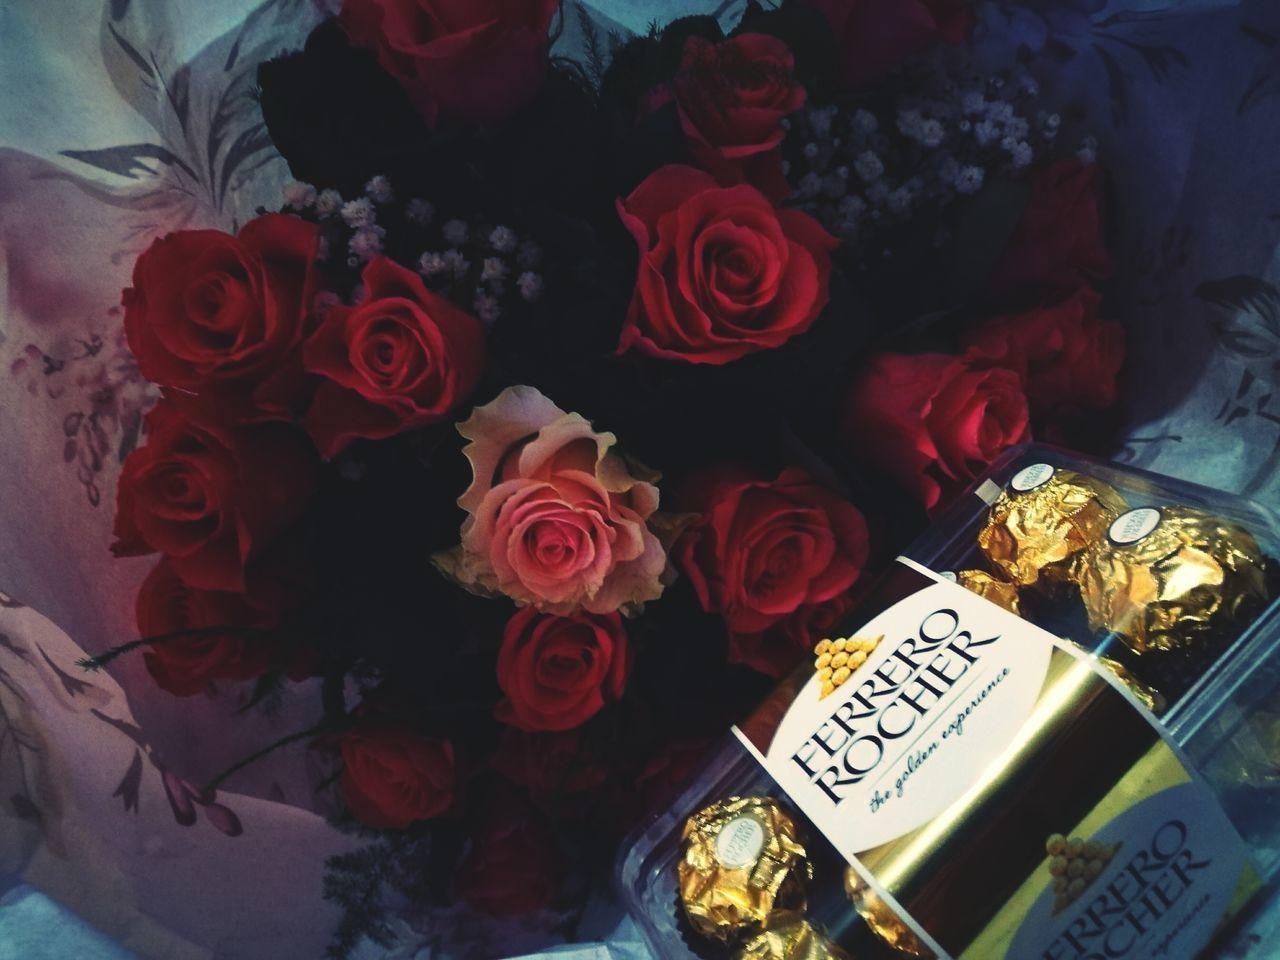 Zamiastpączka Ferrerorocher Ferrero_rocher Ferrero Rocher <3 Kwiaty DlaKobiety Mojego Zycia Flowers Rose - Flower Indoors  No People Table Carnival Crowds And Details